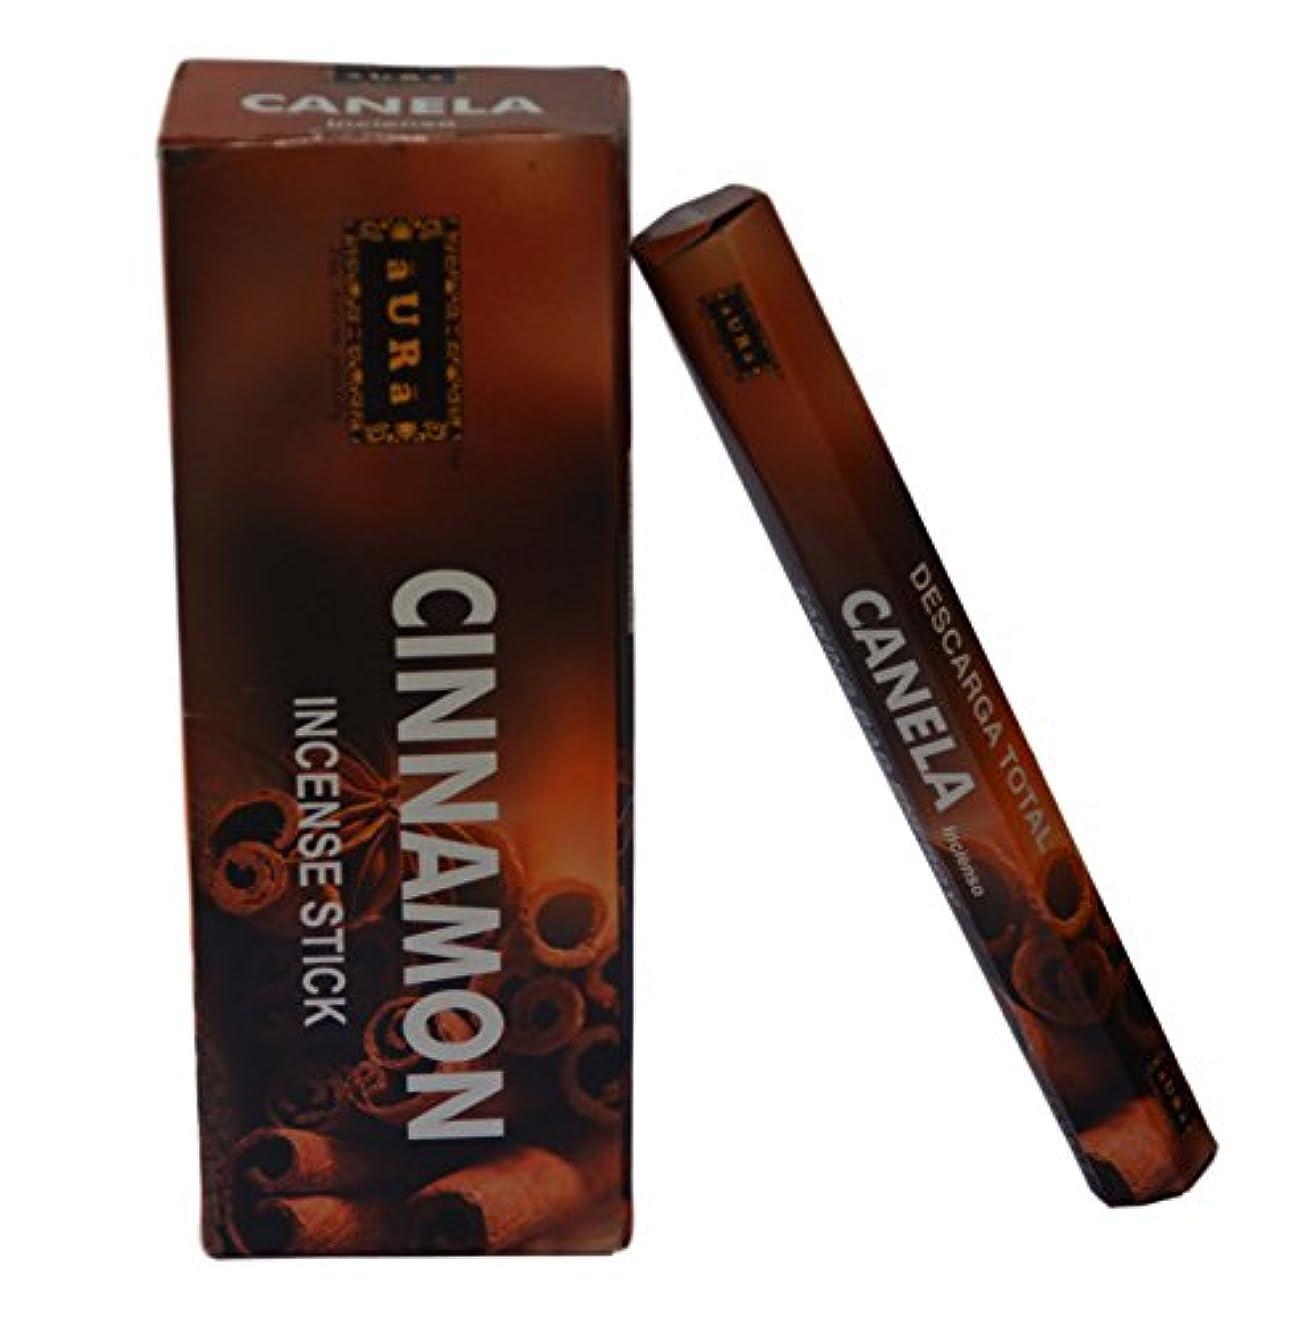 繊毛杭流すオーラCinnamon Scented Incense Sticks、プレミアム天然Incense Sticks、六角packing- 120 Sticks